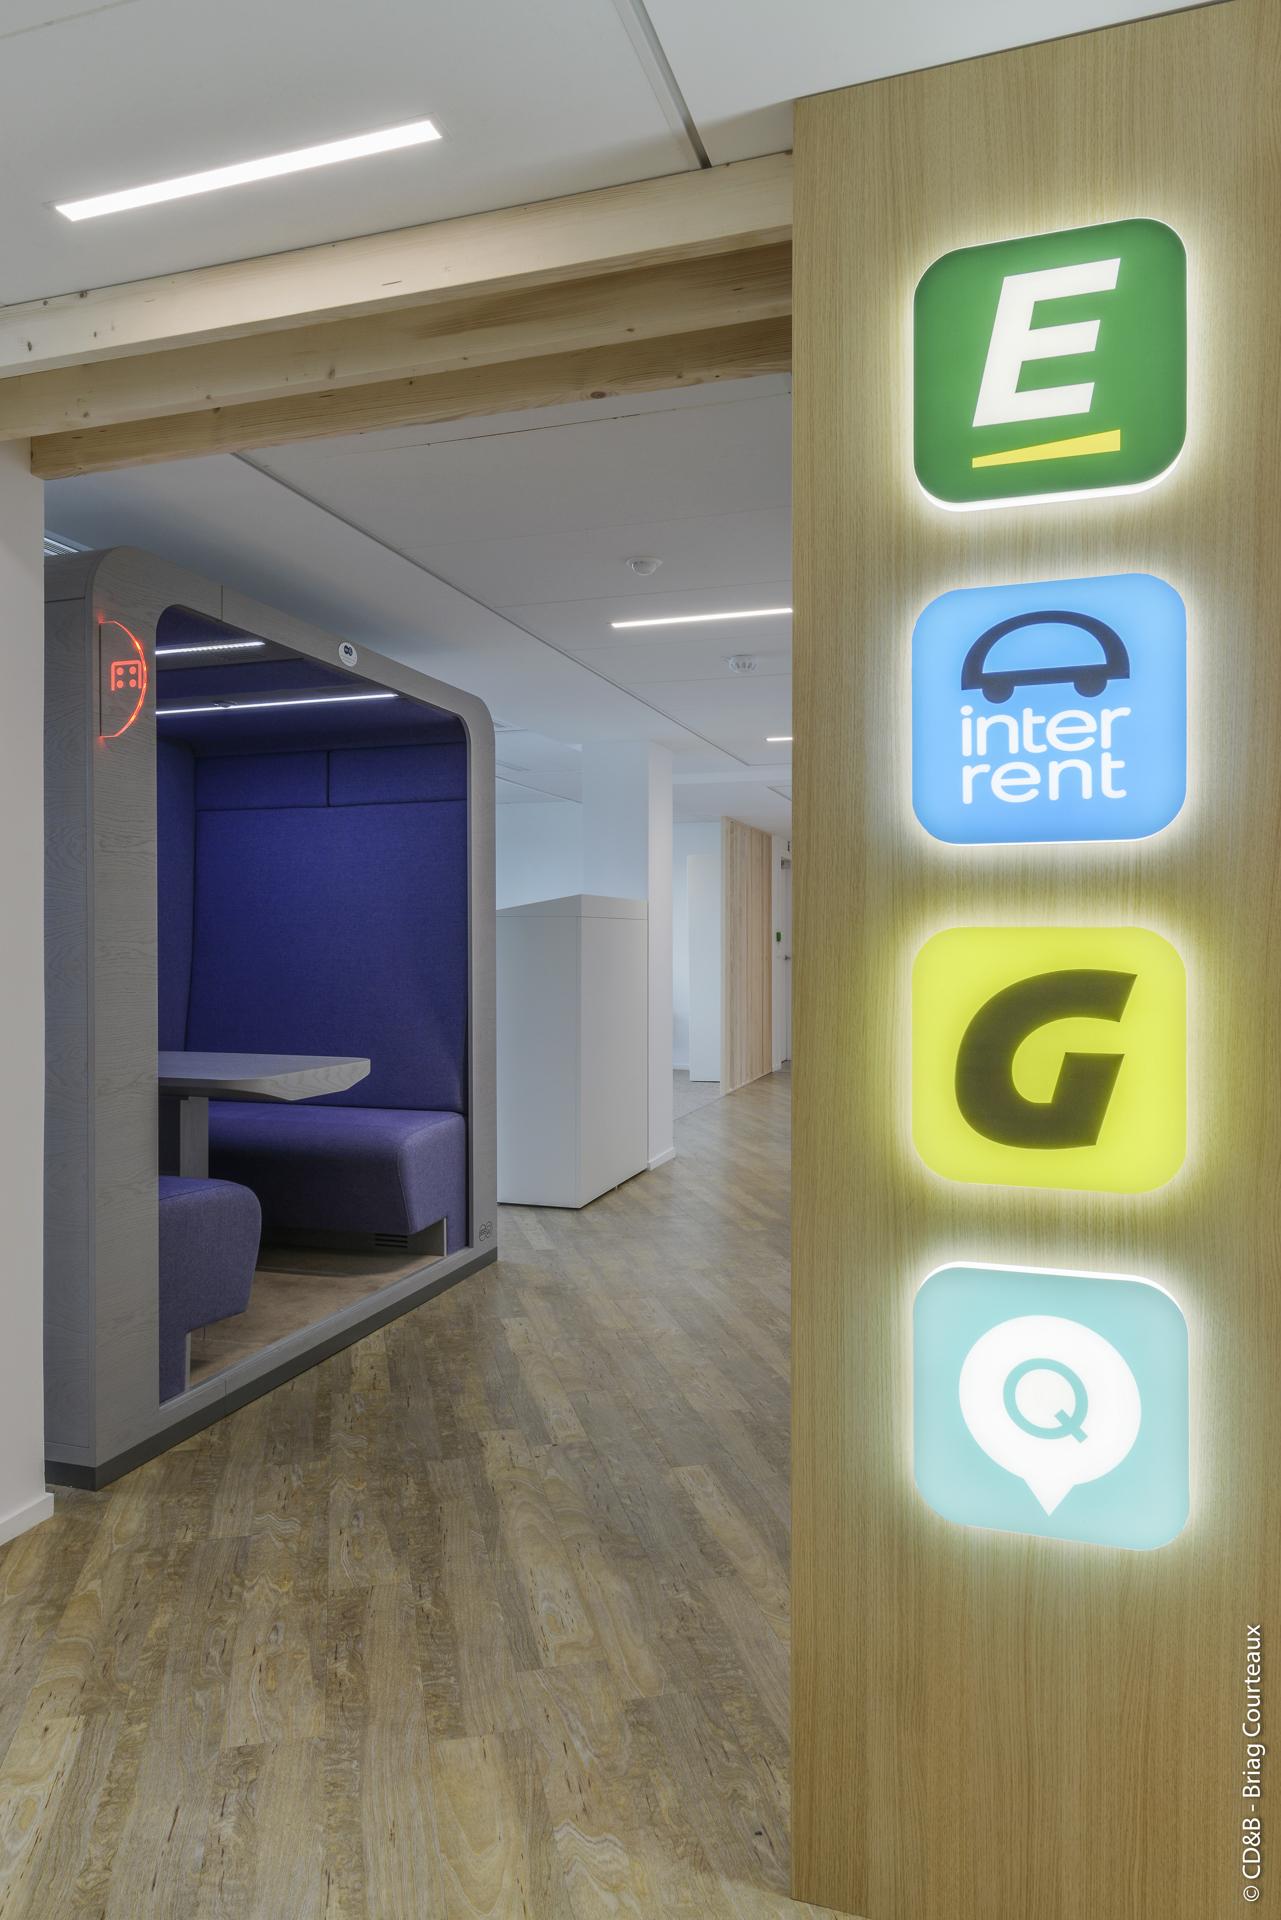 Conseil, aménagement, conception et réalisation des espaces de bureaux de la société Europcar Mobility Group par CDB, Meet you there.